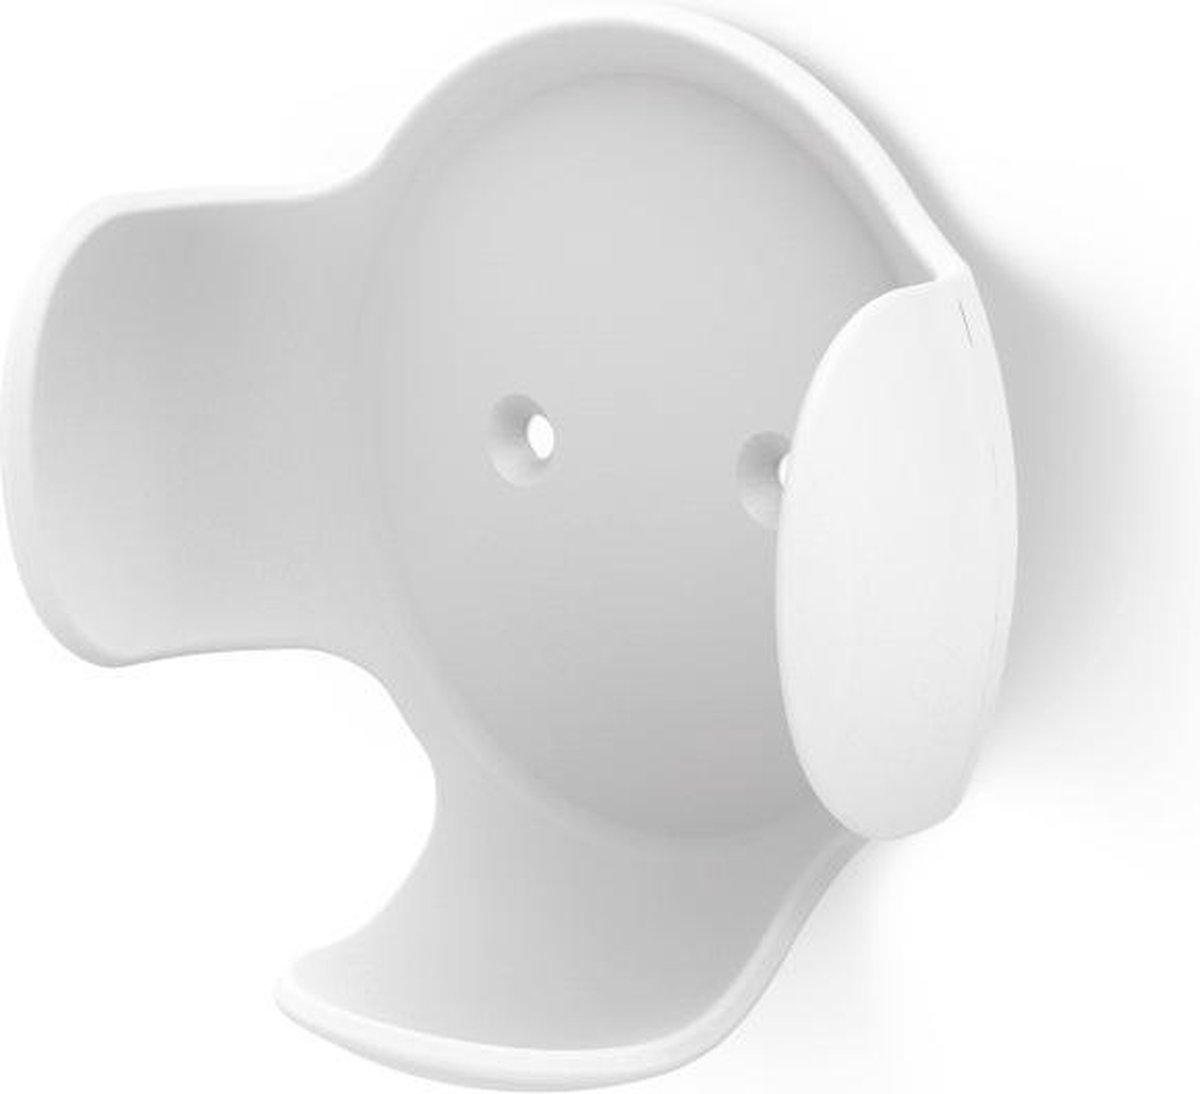 Hama Wandhouder - Smart speaker accessoire - Geschikt voor Google Home Mini en Nest - Wit